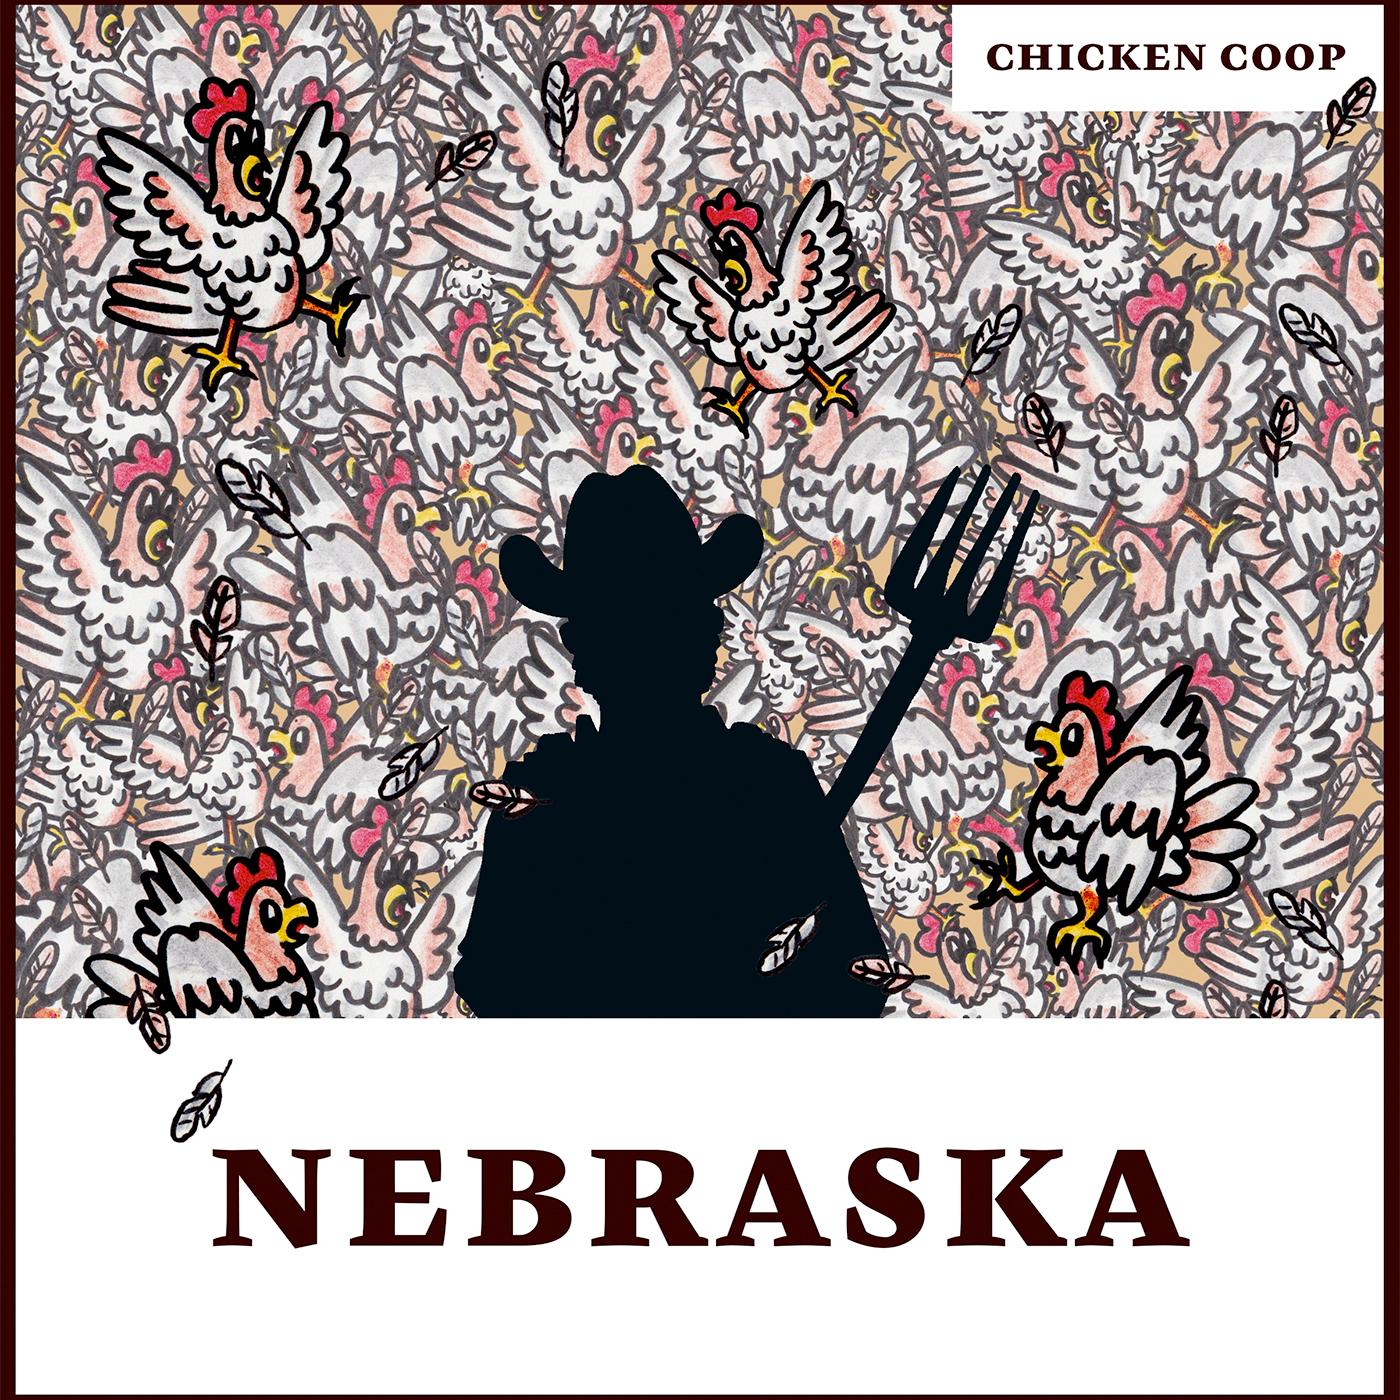 Nebraska – Chicken Coop